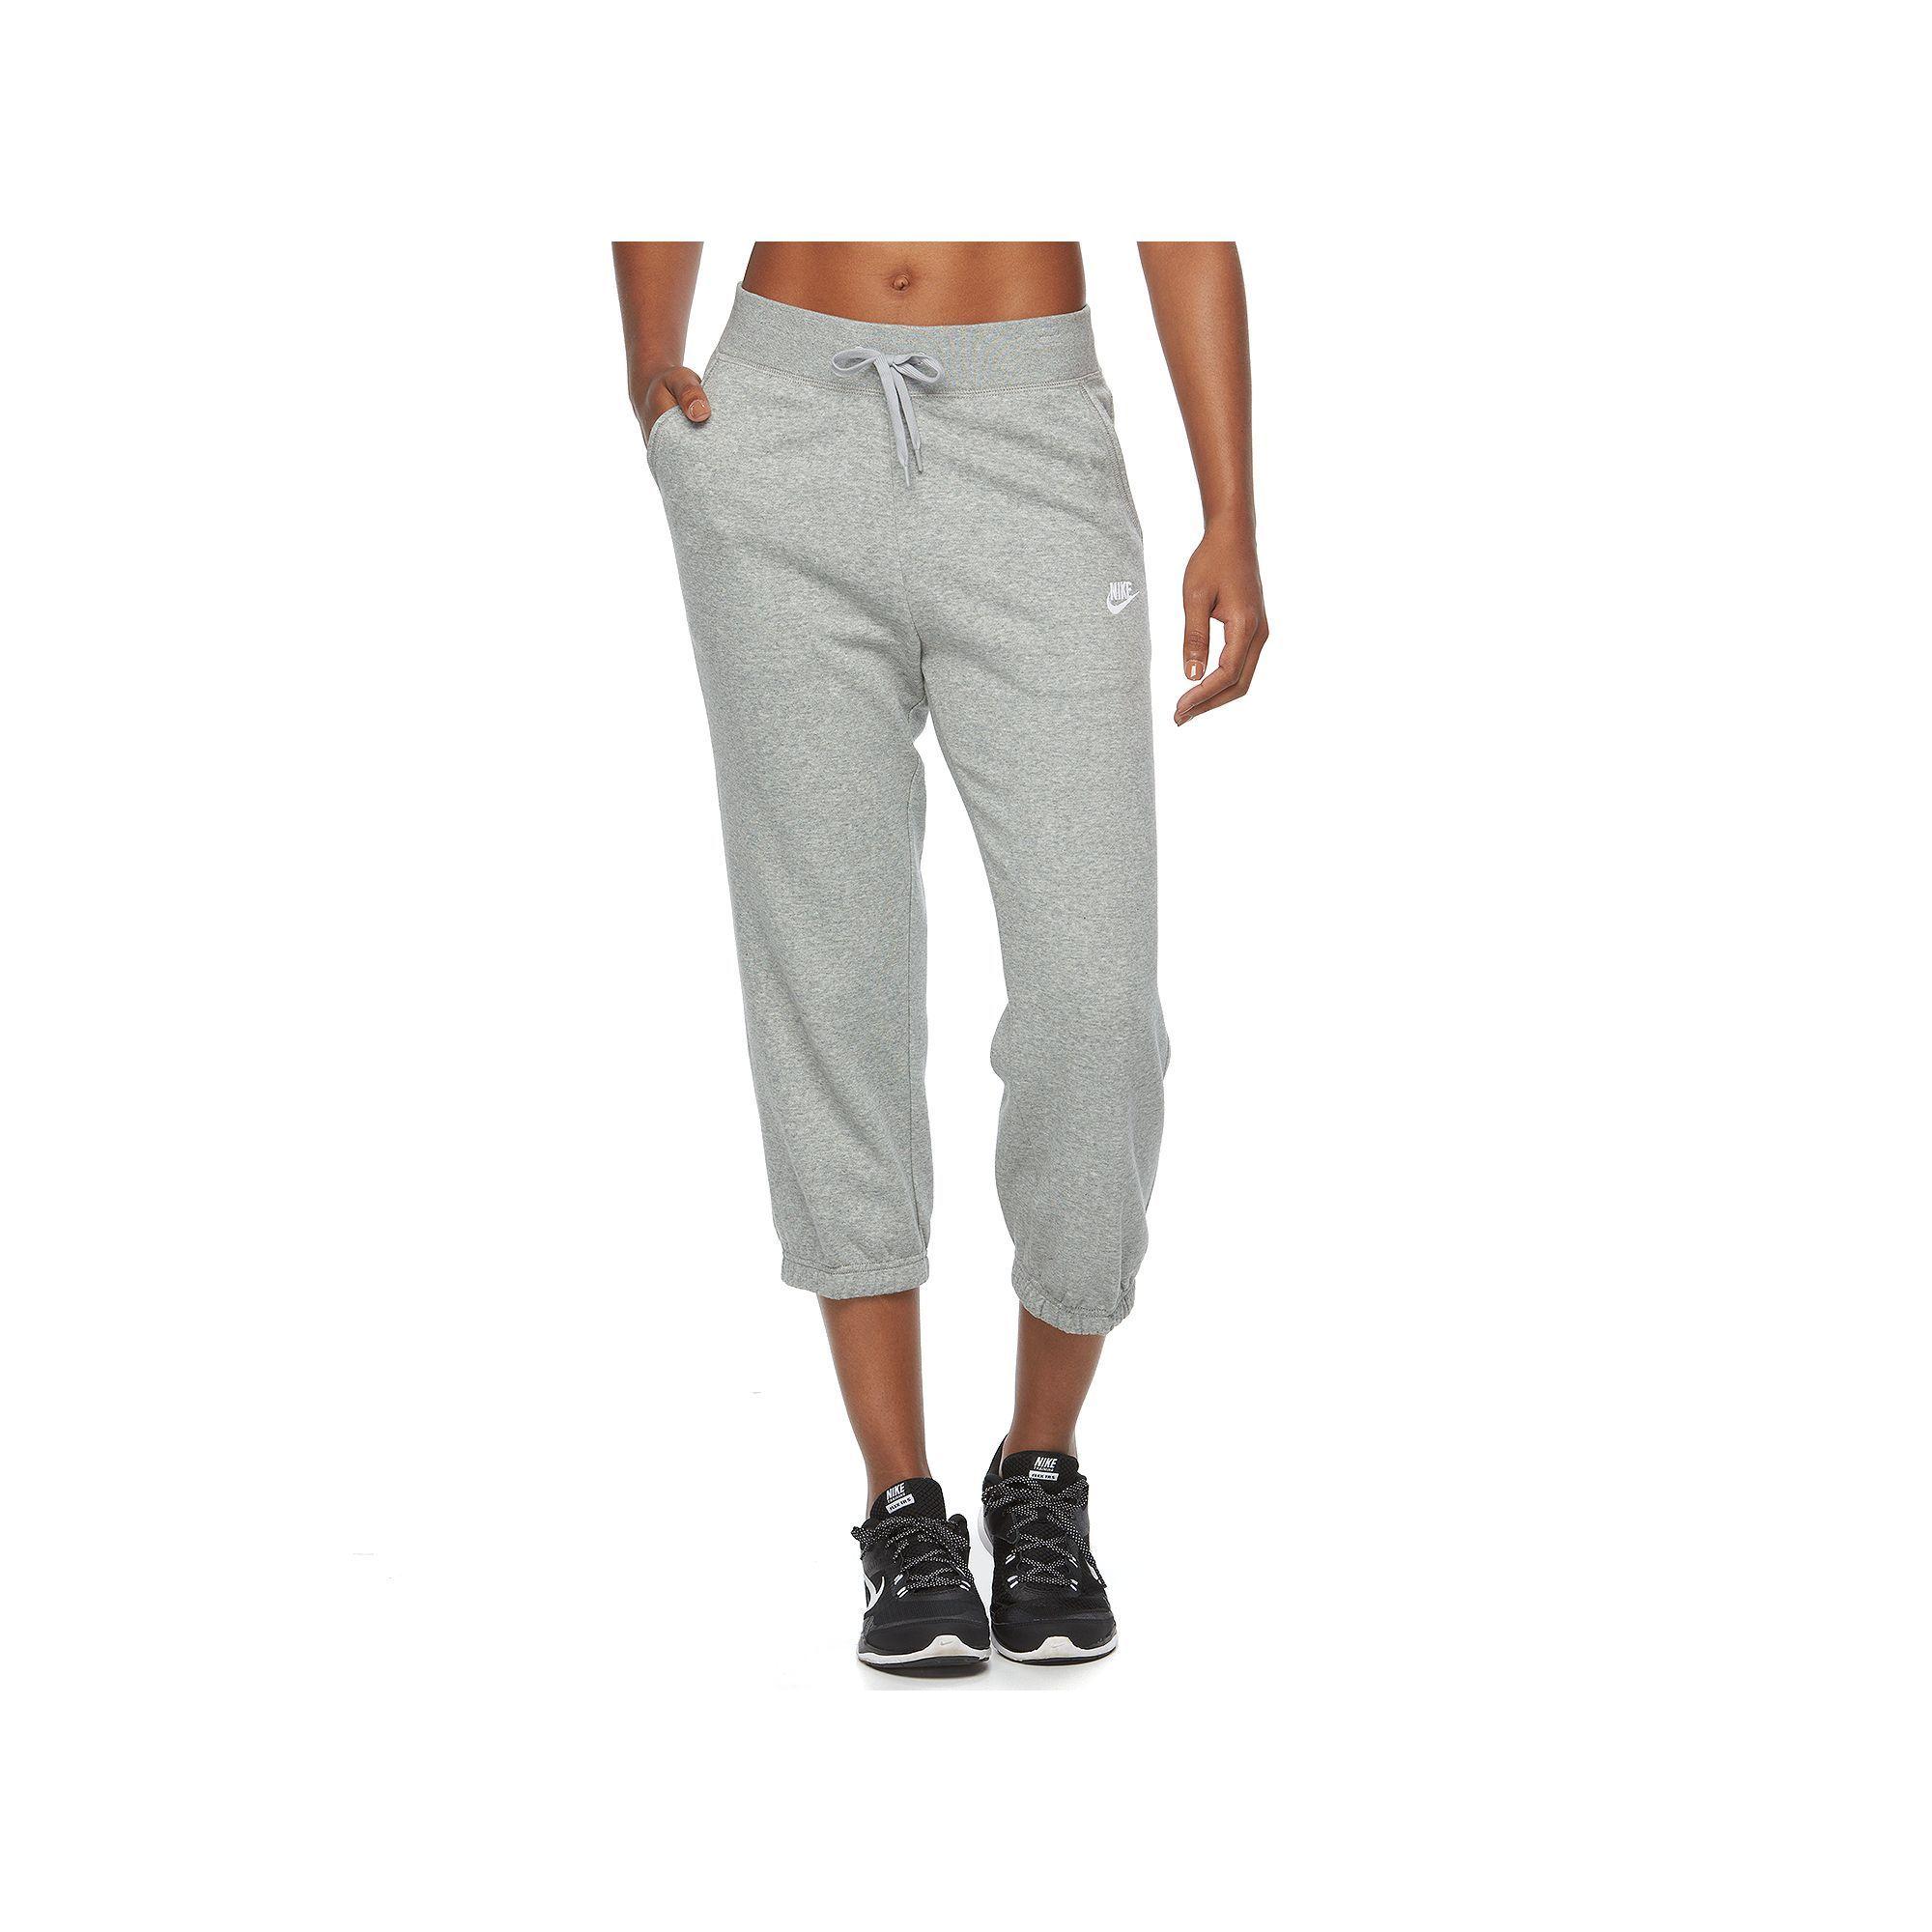 a8884a2bbb2b Women s Nike Fleece Capri Jogger Pants